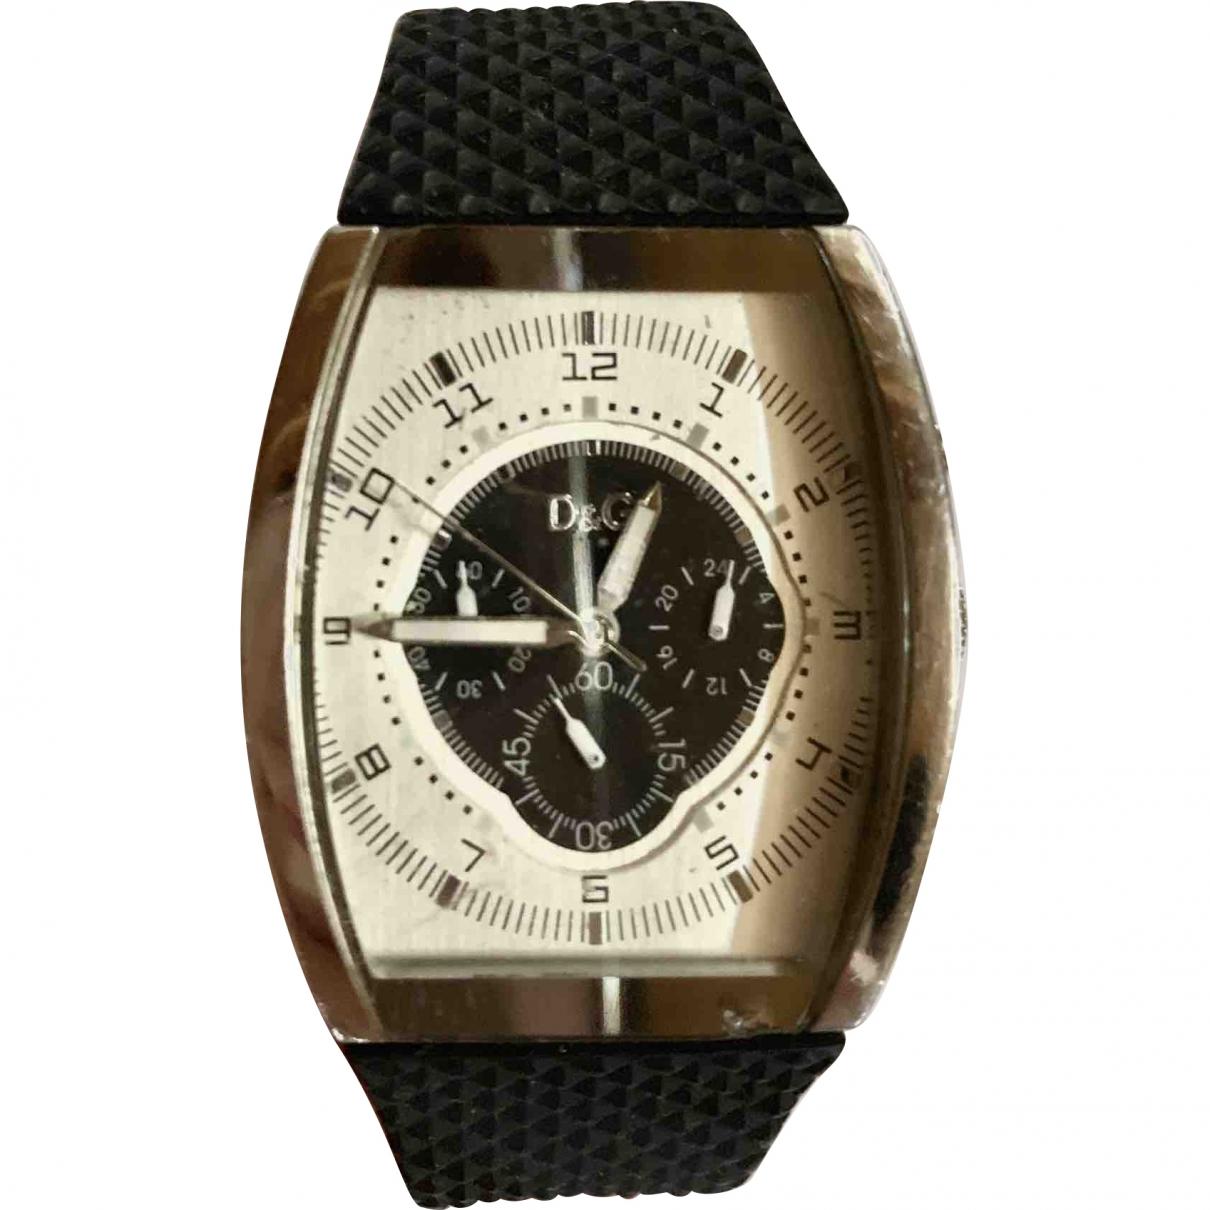 D&g \N Navy Steel watch for Men \N